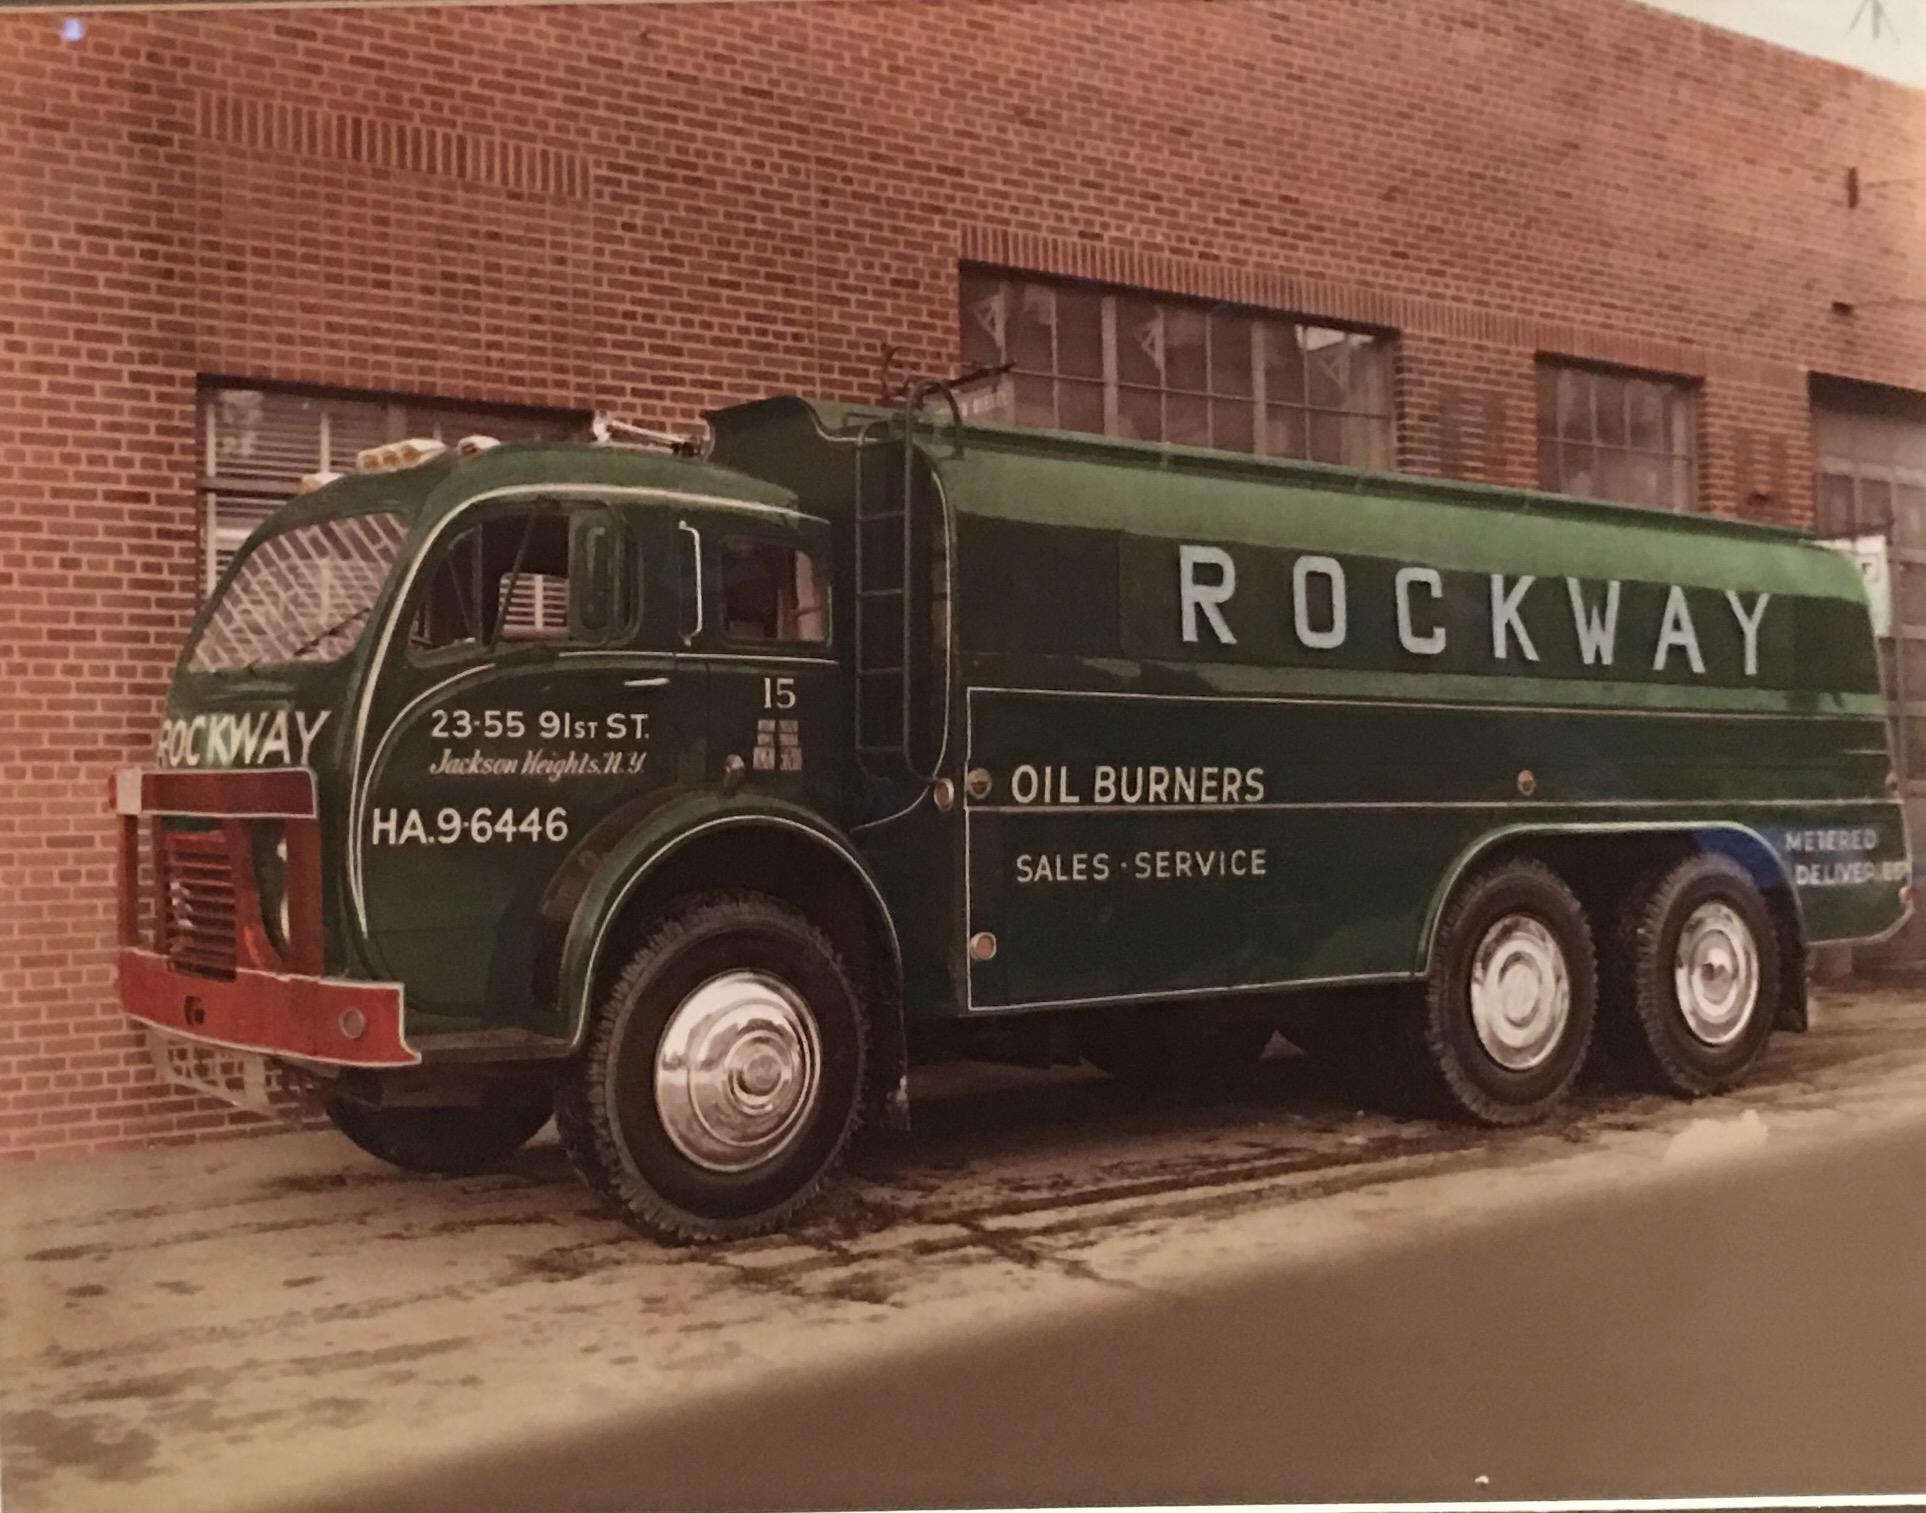 Rockway Fuel Oil Corp. image 4